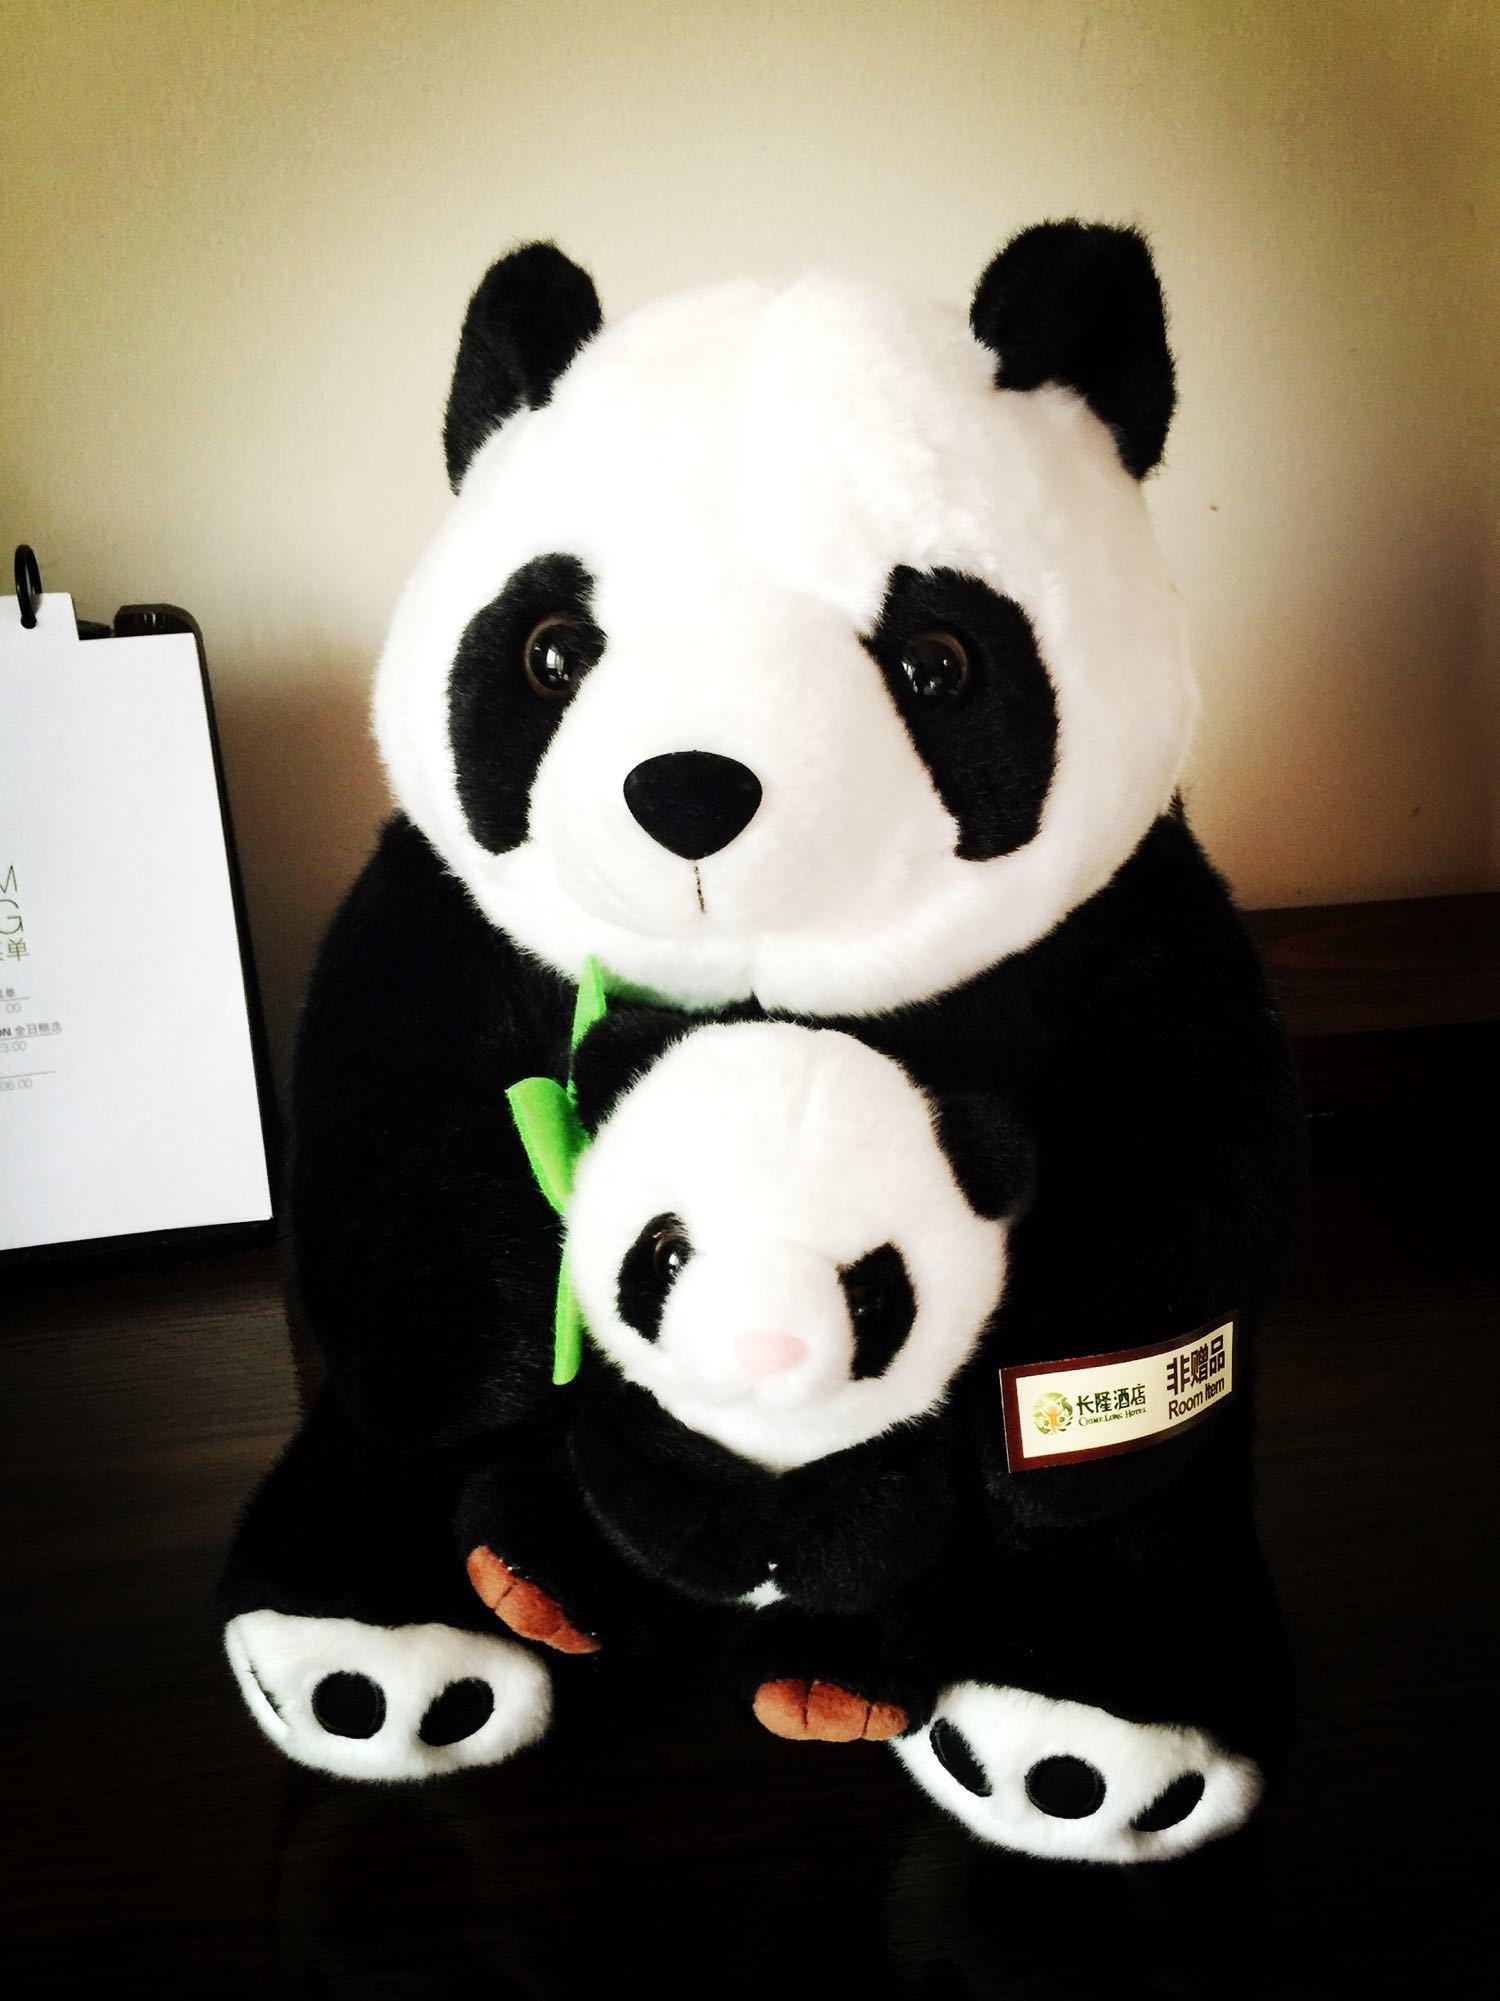 壁纸 大熊猫 动物 1500_2001 竖版 竖屏 手机